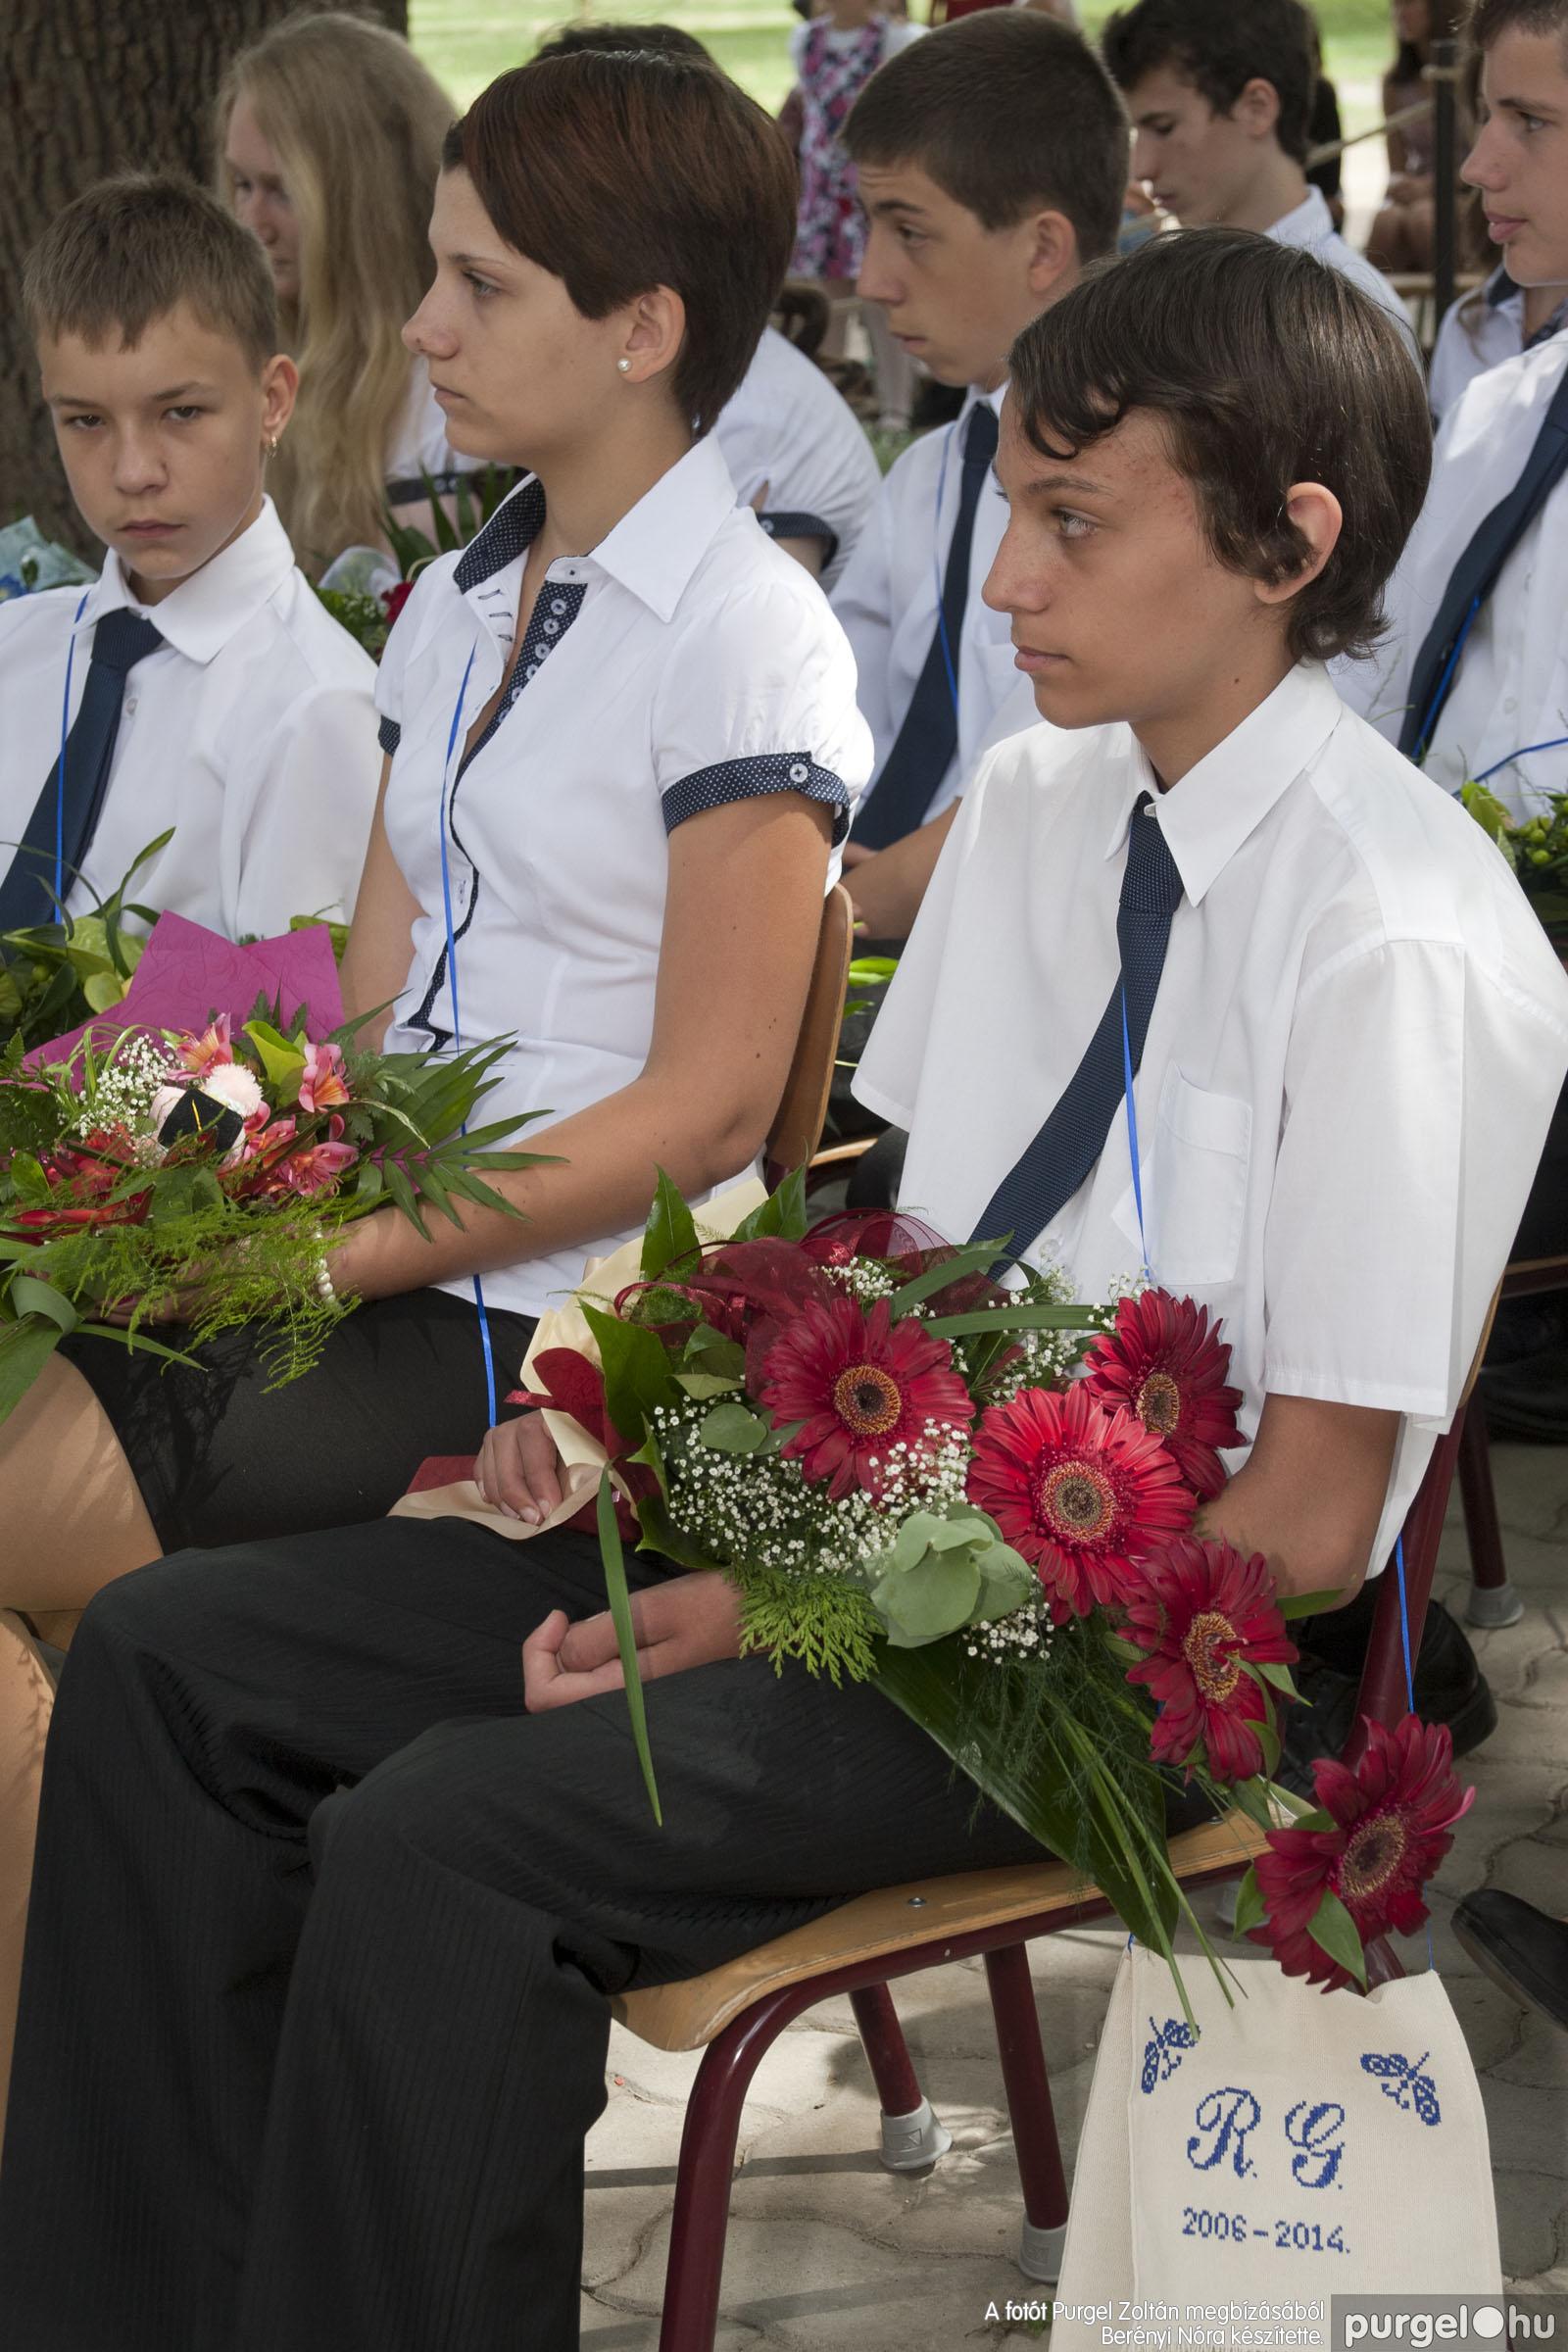 2014.06.14. 250 Forray Máté Általános Iskola ballagás 2014. - Fotó:BERÉNYI NÓRA© _MG_5918.jpg